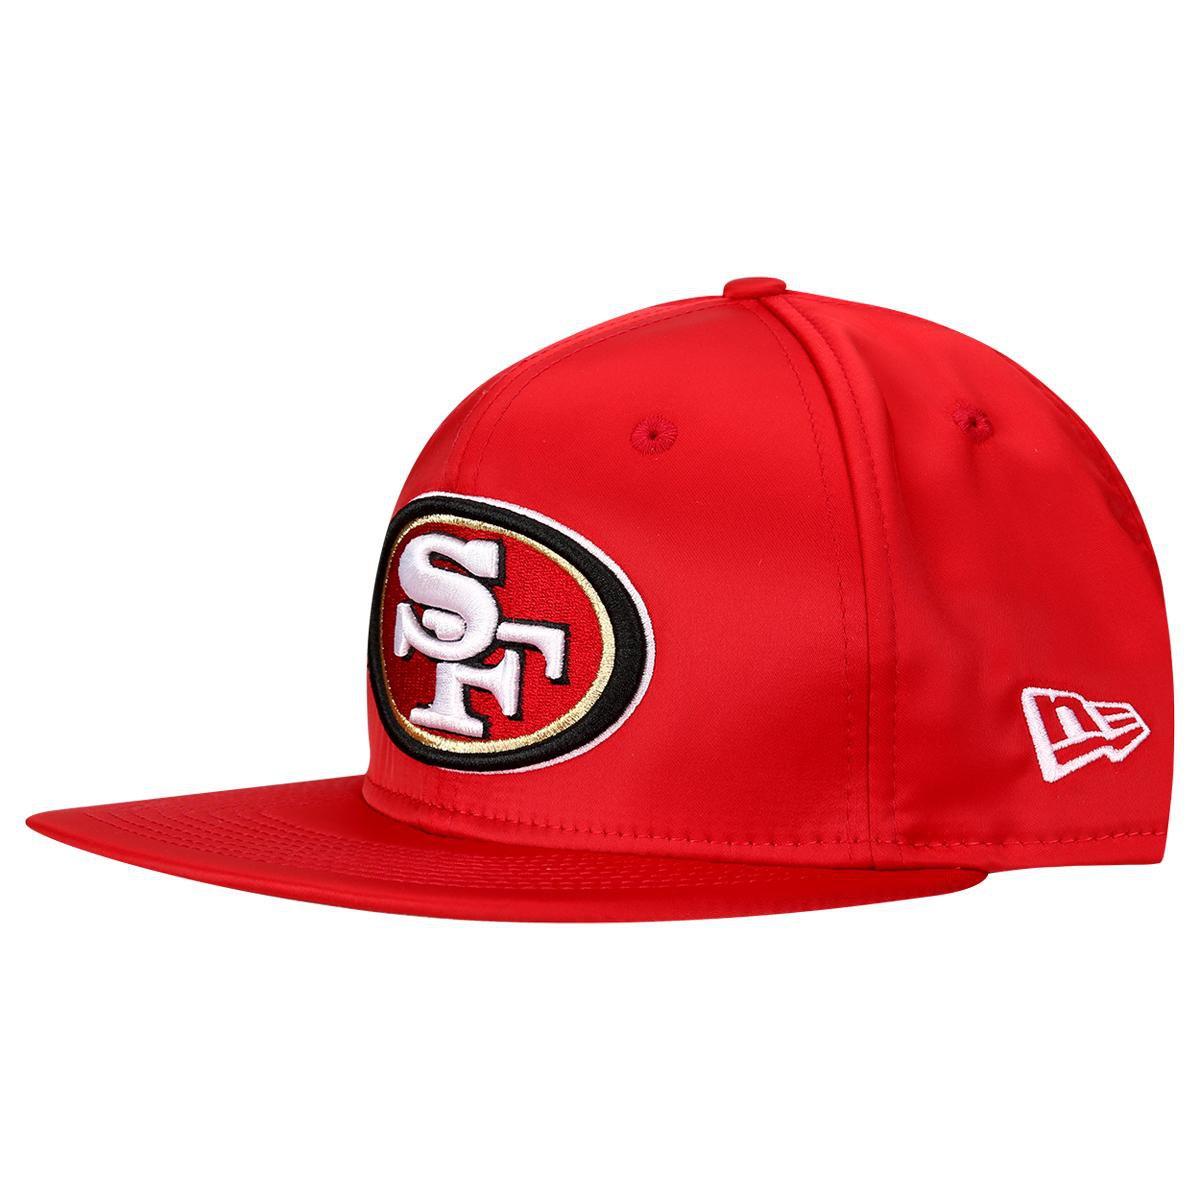 1994544c2a Boné New Era 950 NFL Original Fit Satin San Francisco 49ers   Livelo ...